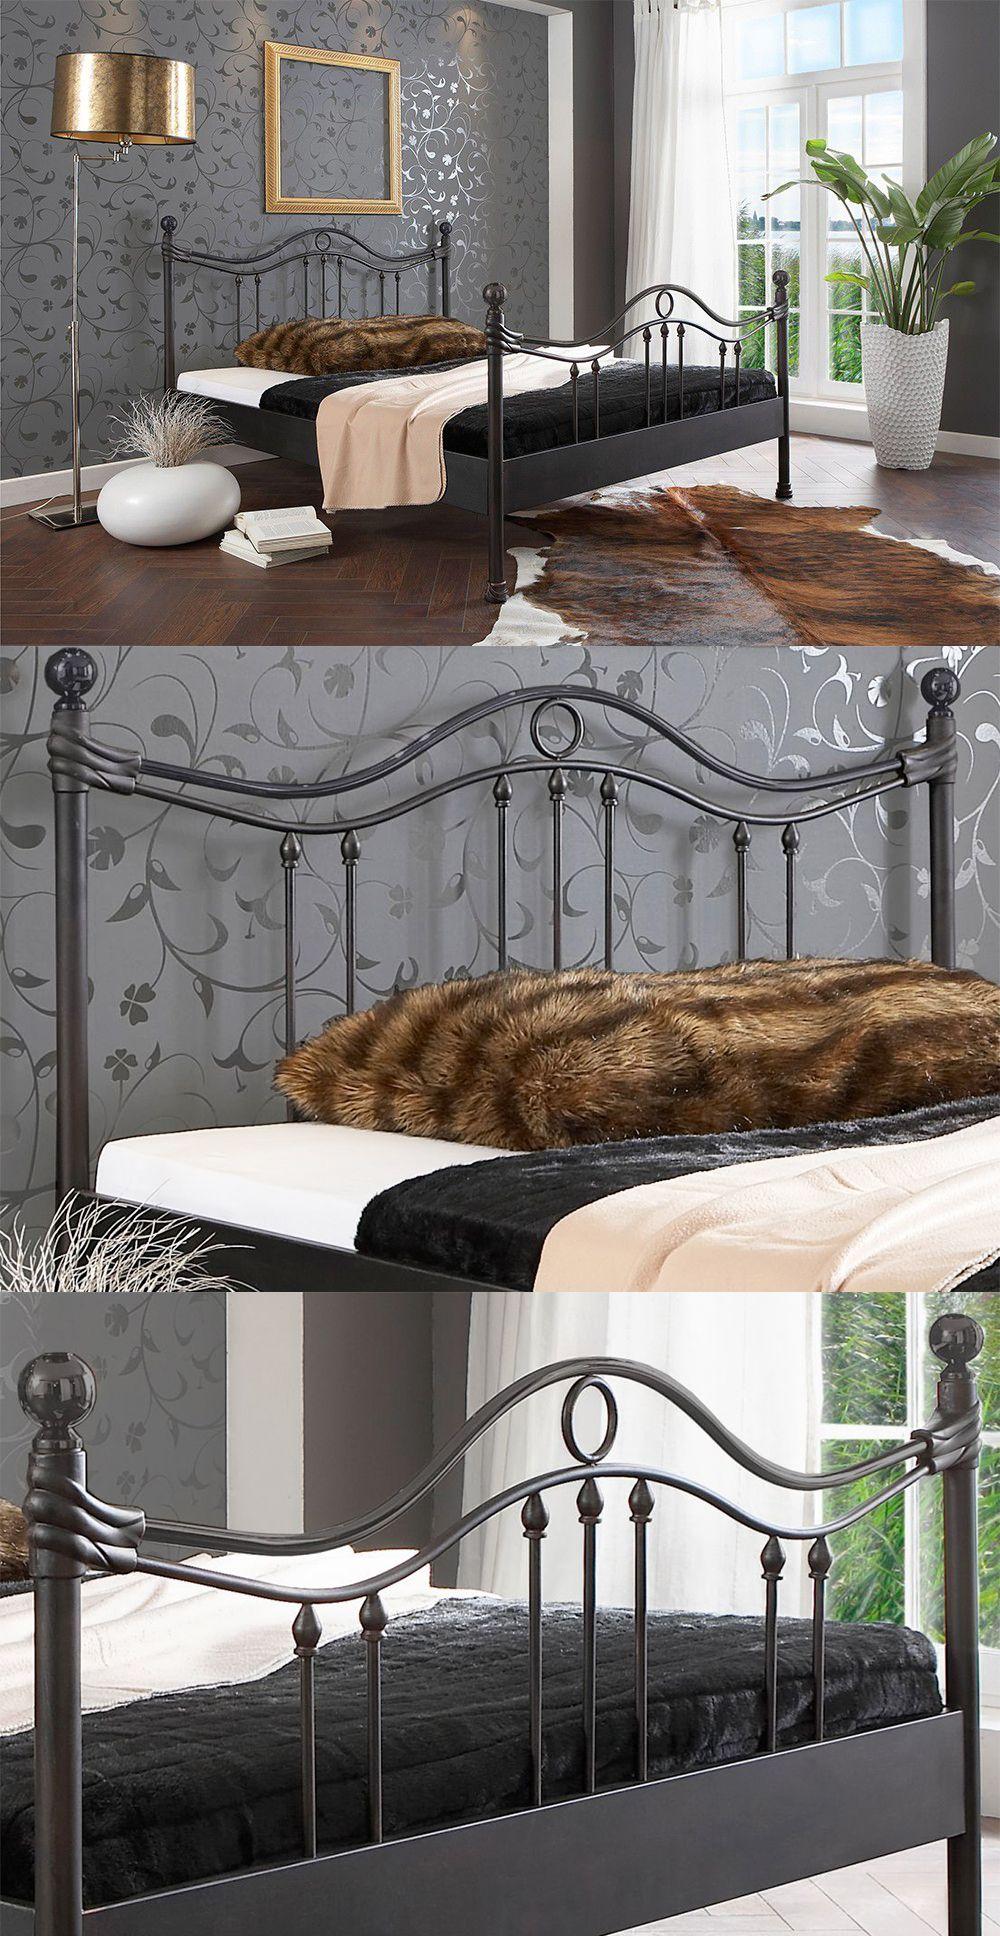 mattschwarzes Metallbett 204.00 Das stilvolle Bett aus